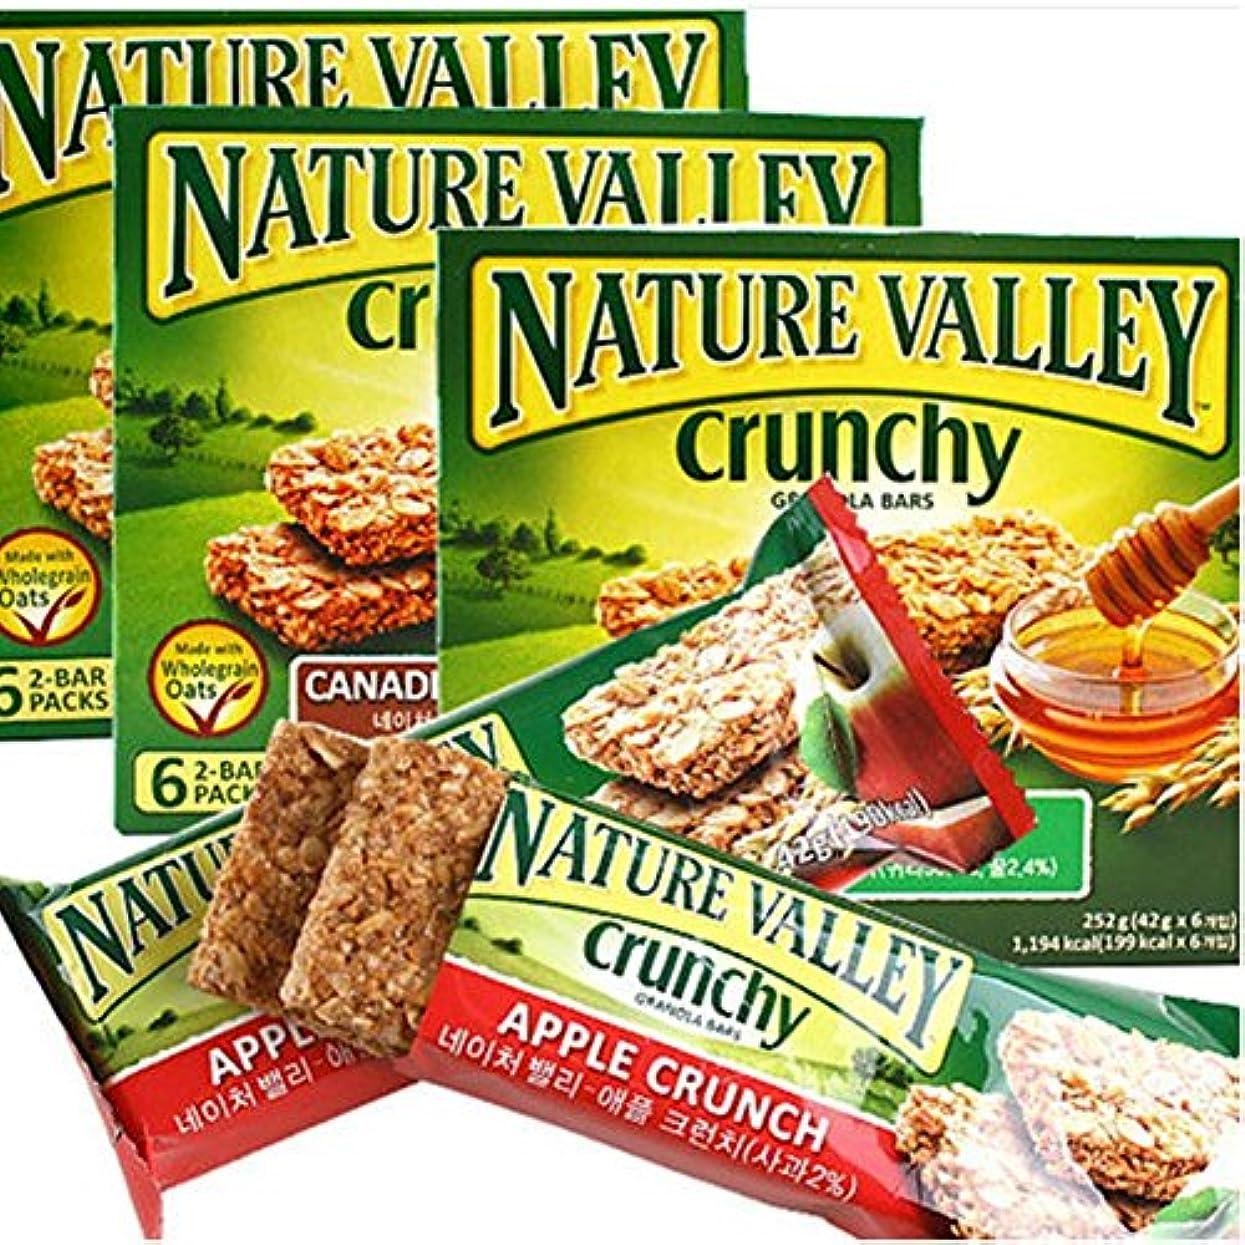 ドレインジョセフバンクス寛大な[ネイチャーバレー/Nature Valley] CANADIAN MAPLE SYRUP/ネイチャーバレークランチグラノーラバー42g5パックx3 Box - メープルシロップ(合計15袋)穀物バー/シリアル/栄養のバー...